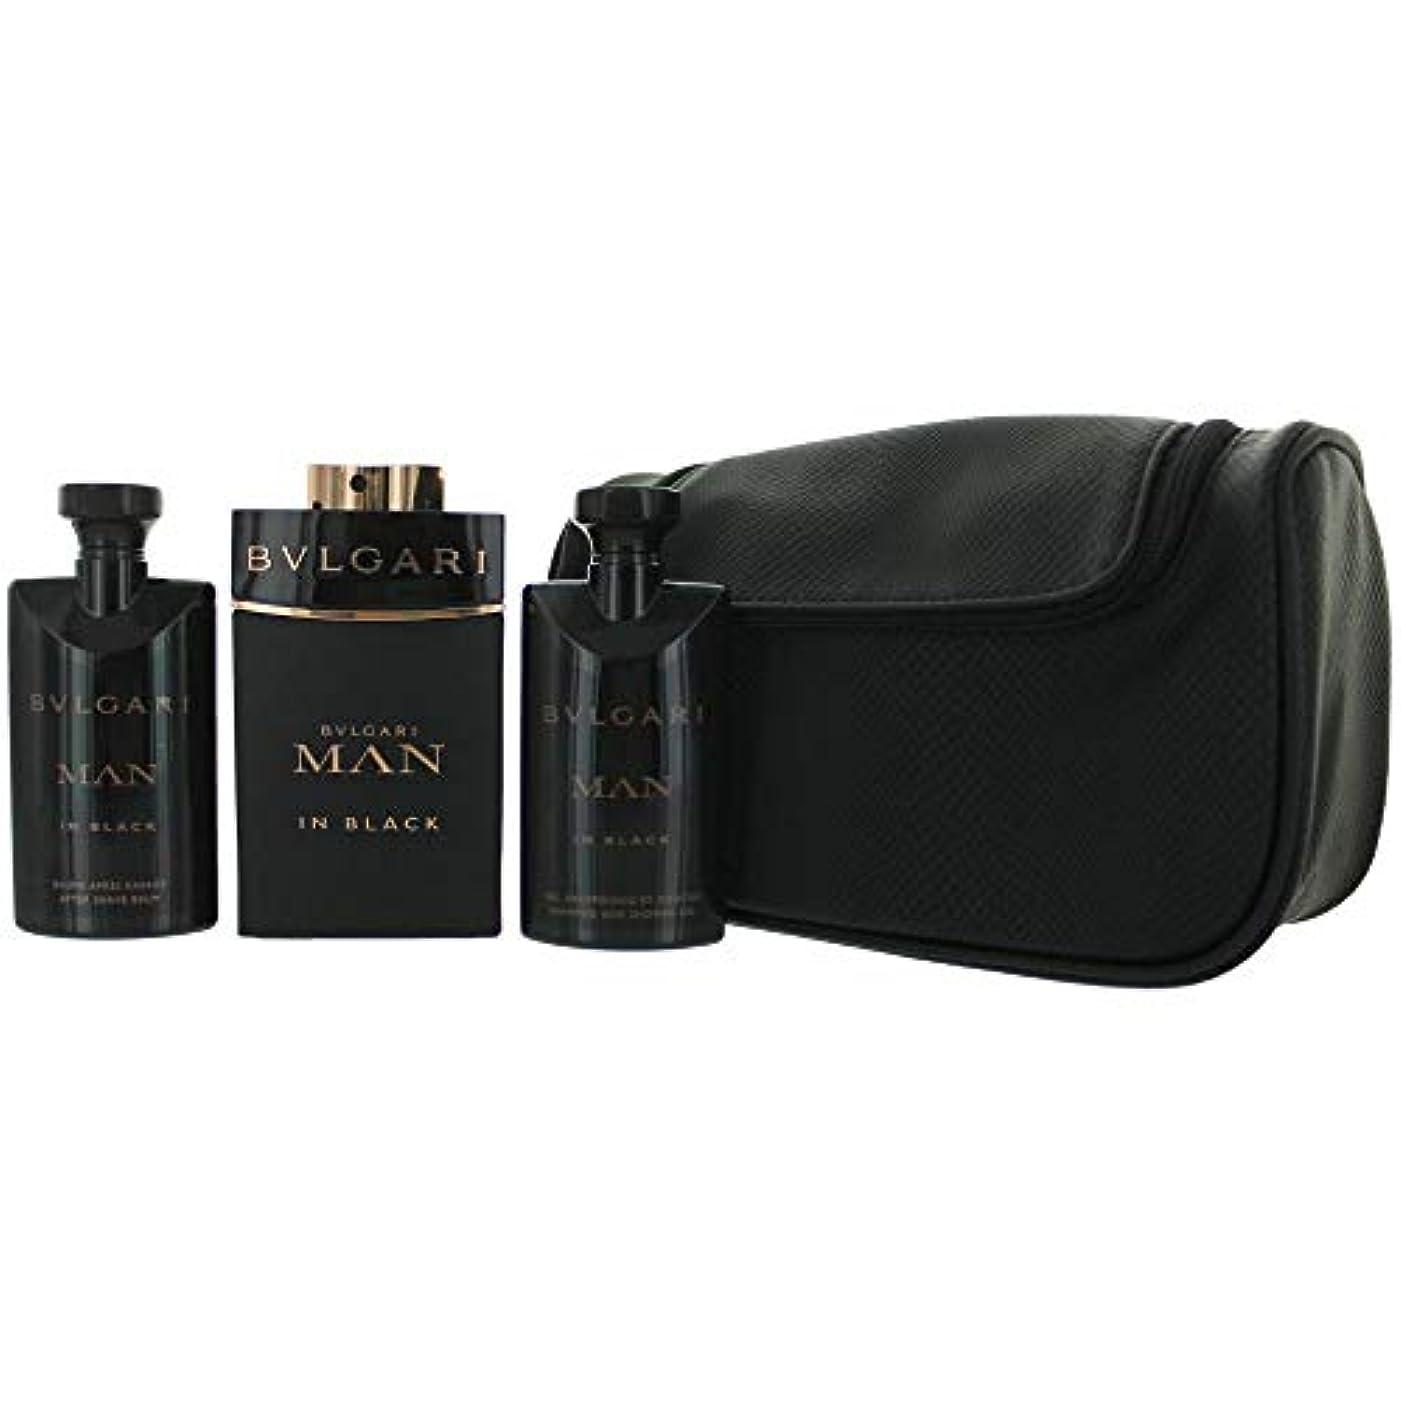 そうでなければ万一に備えて明るいBvlgari Man In Black Eau De Parfum 100Ml Vaporizador + Gel De Baño 75Ml + After Shave Balm 75Ml